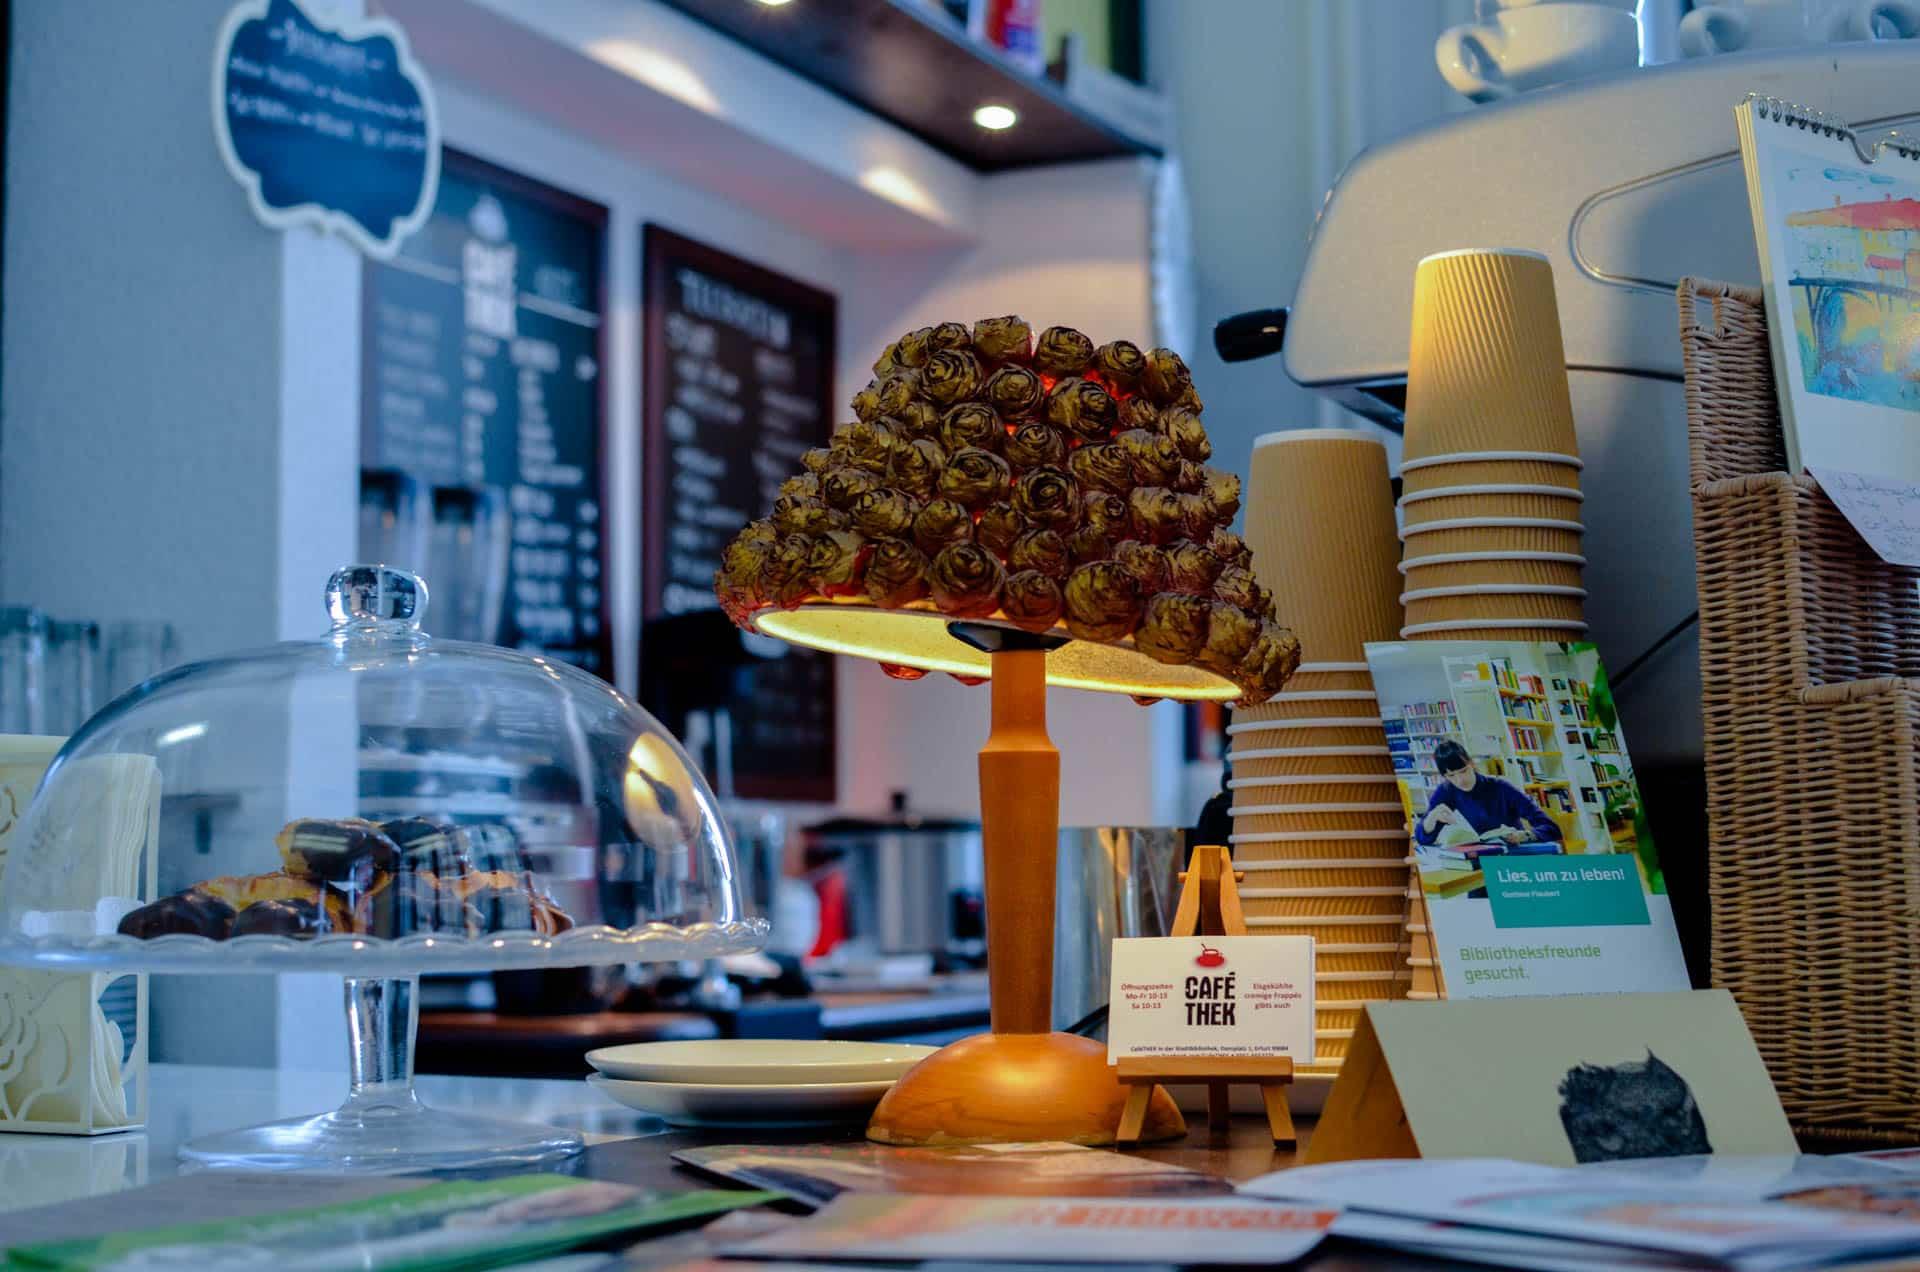 Café in Bibliothek Erfurt